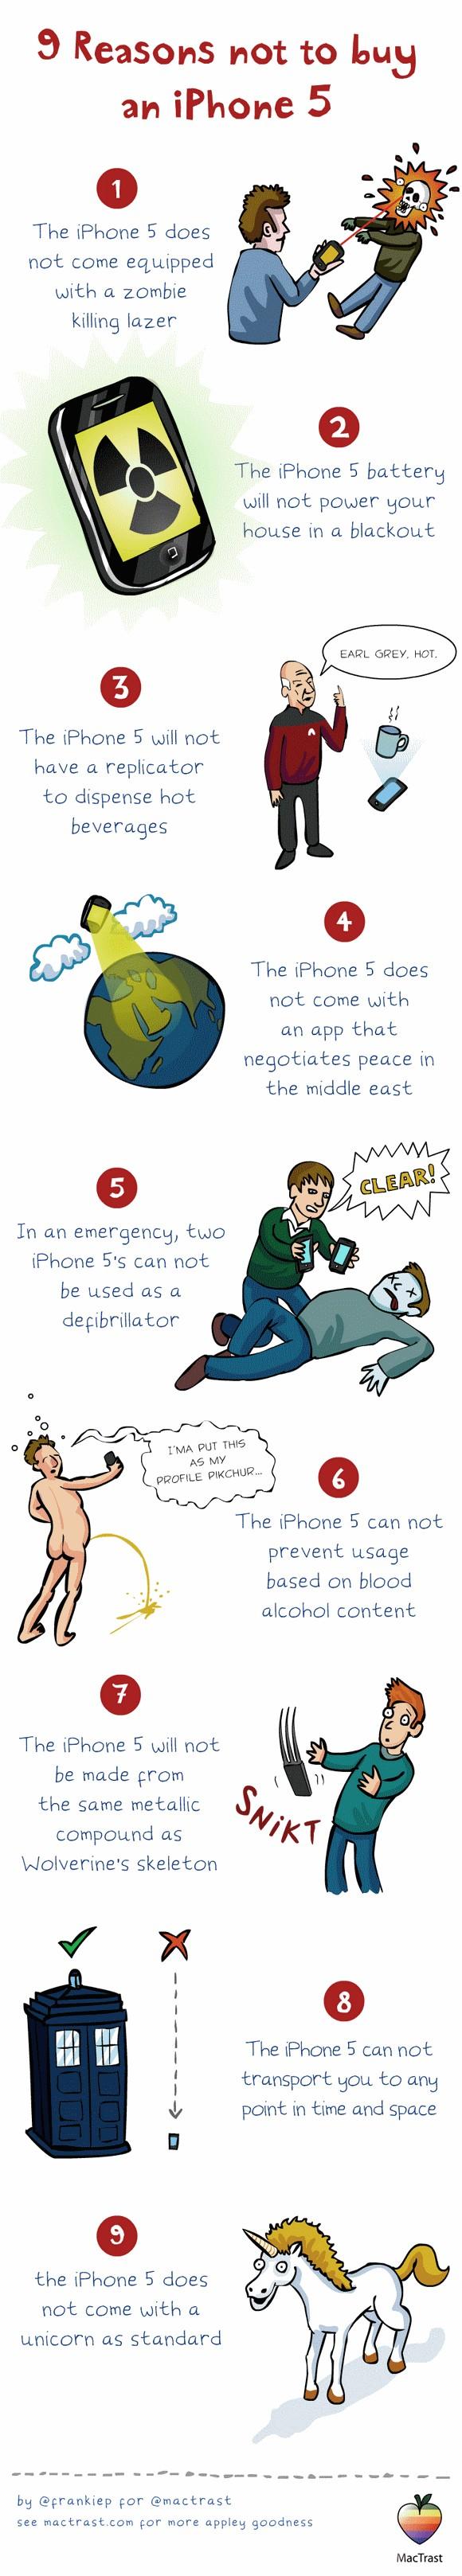 9 Gründe nicht das iPhone 5 zu kaufen